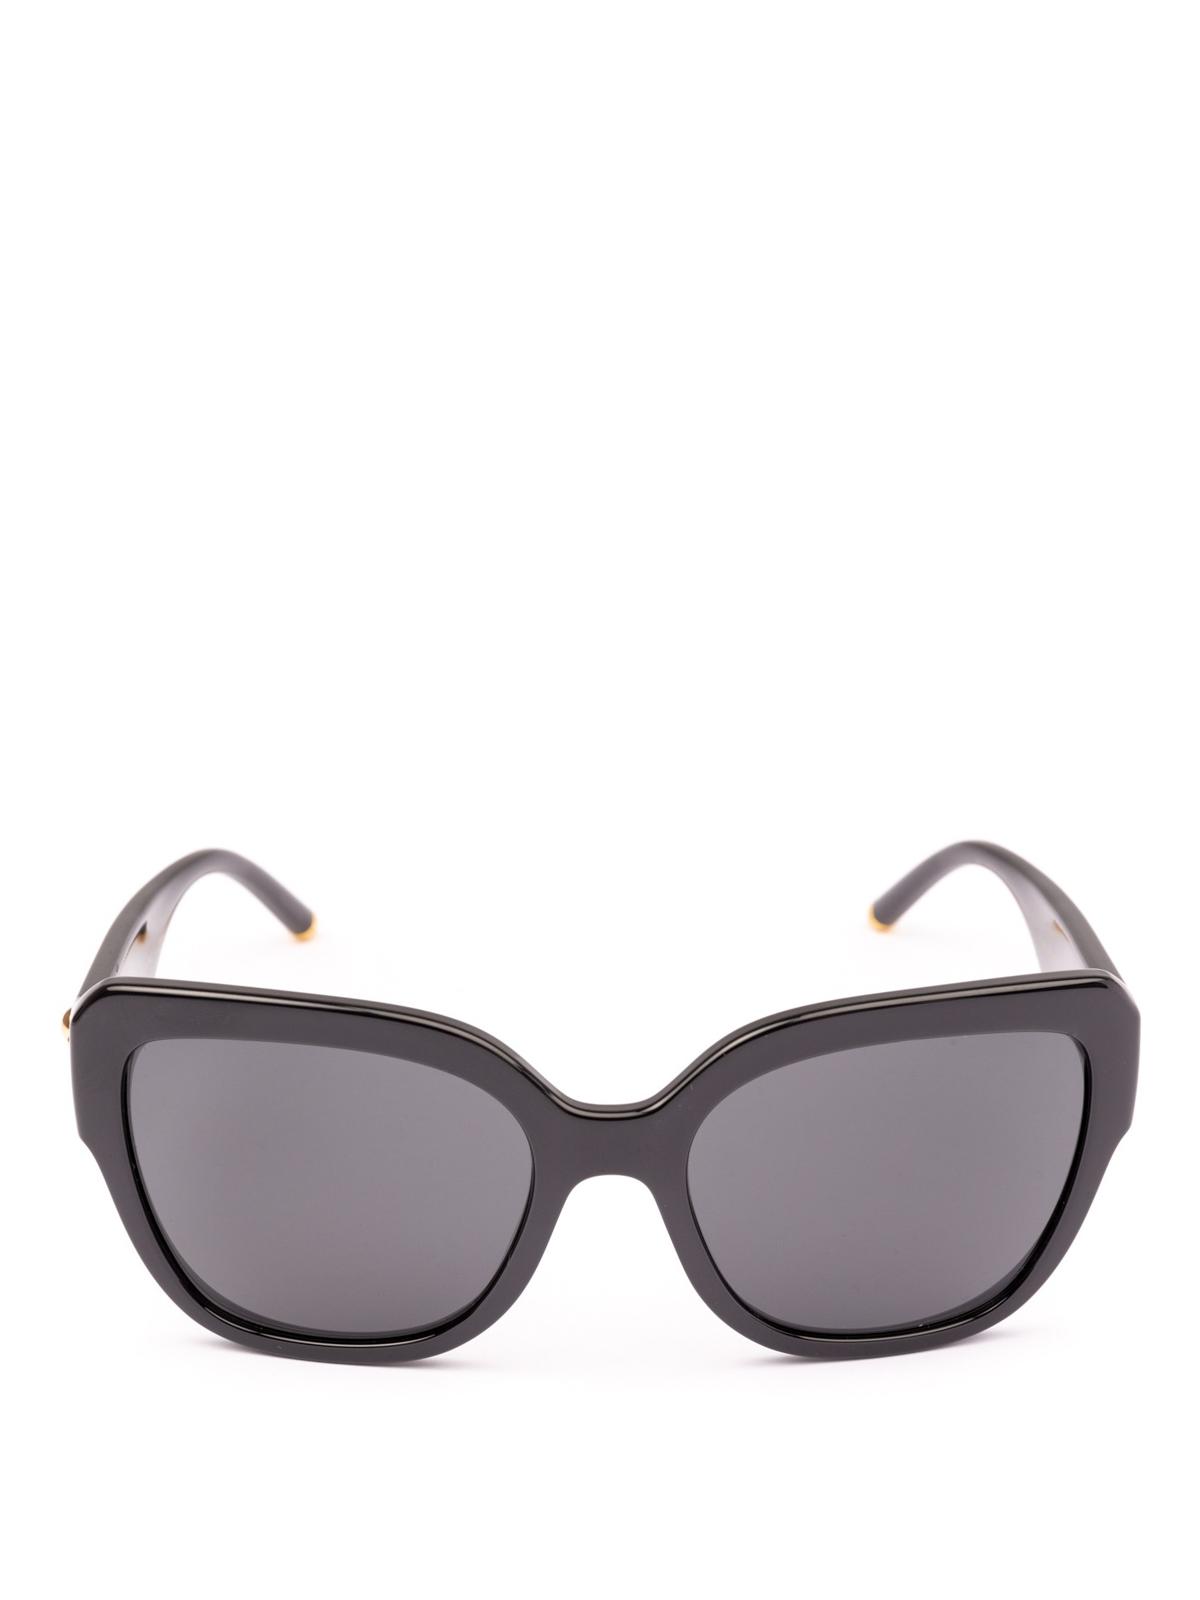 Dolce   Gabbana - Gafas De Sol - Negro - Gafas de sol - DG611850187 9482aa799014